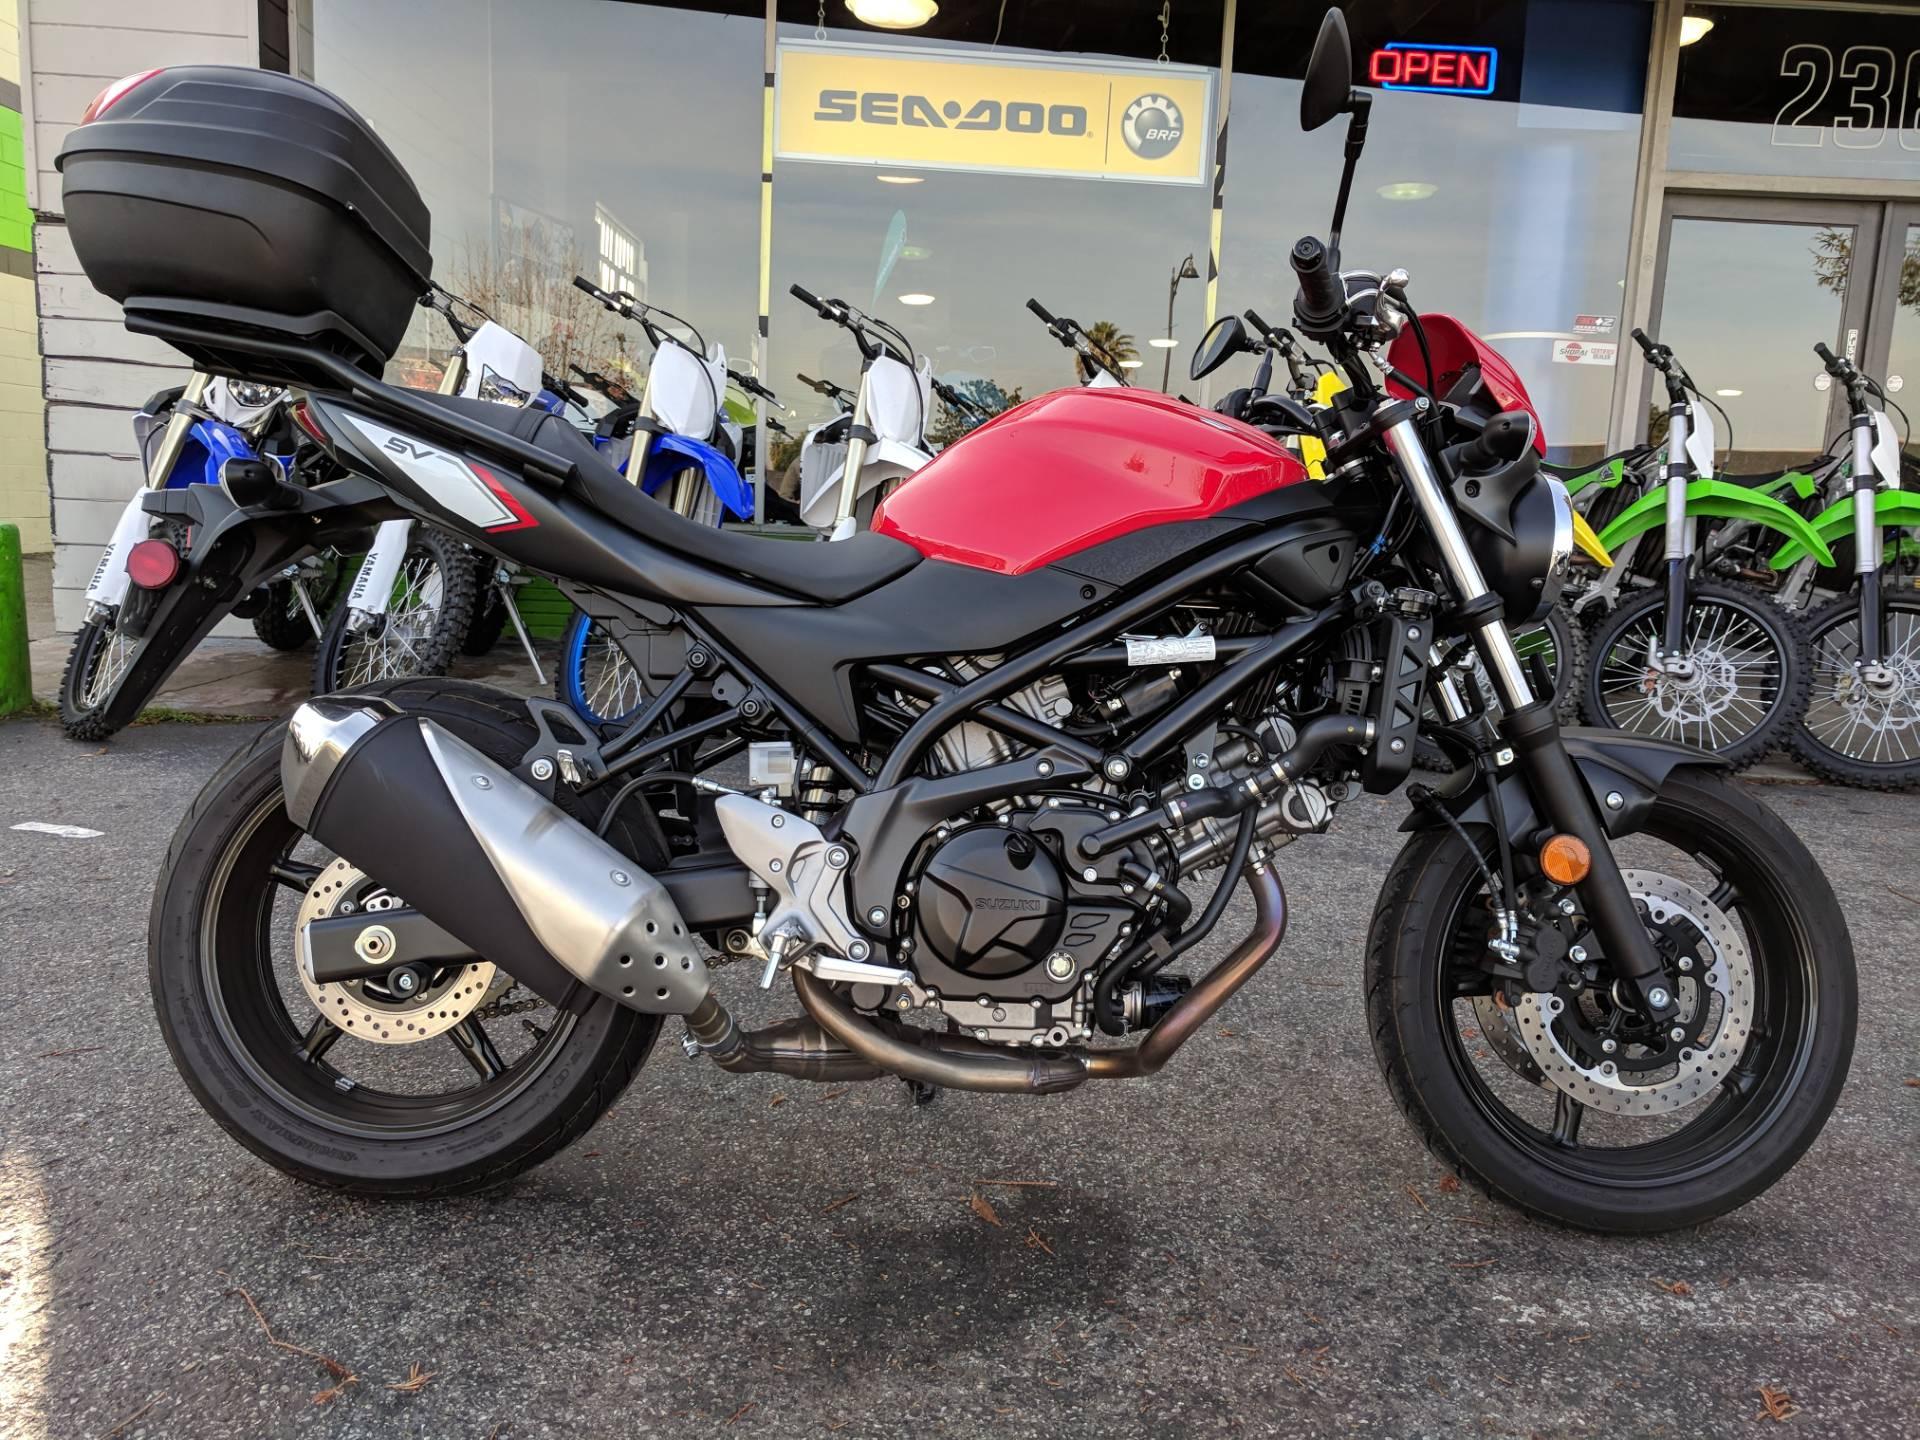 2017 Suzuki SV650 for sale 106213